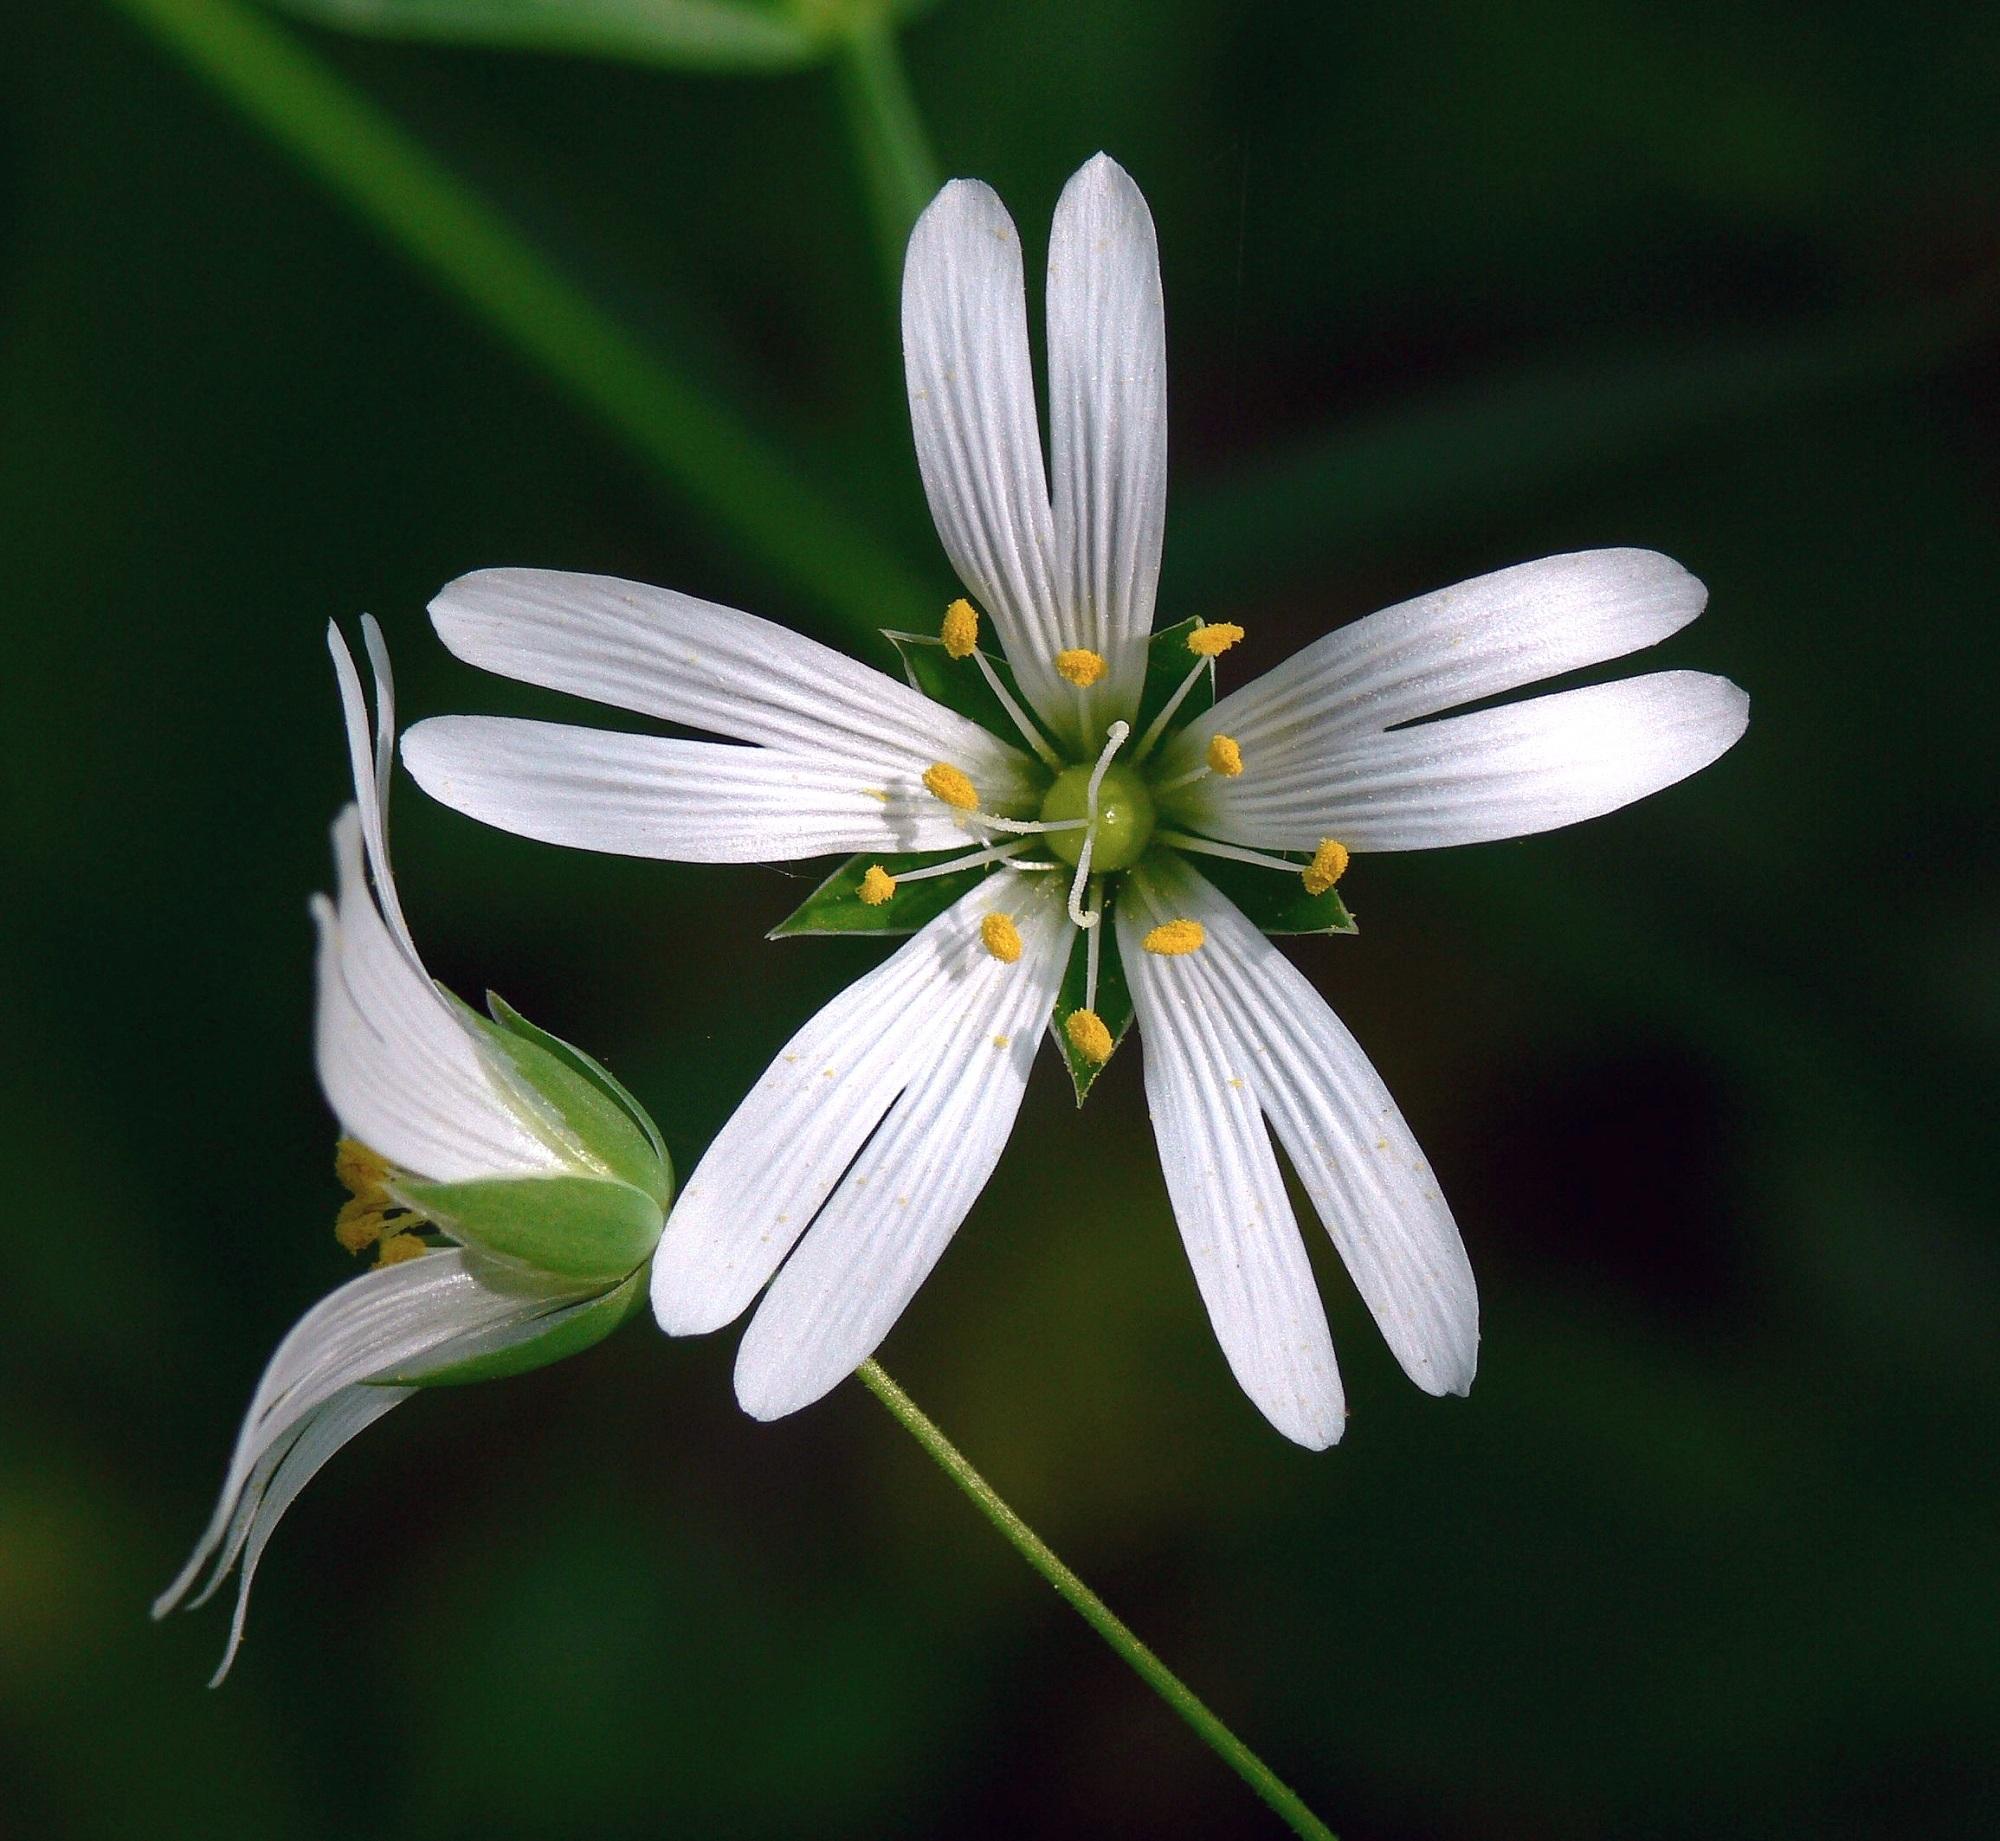 Stitchwort in the garden photo